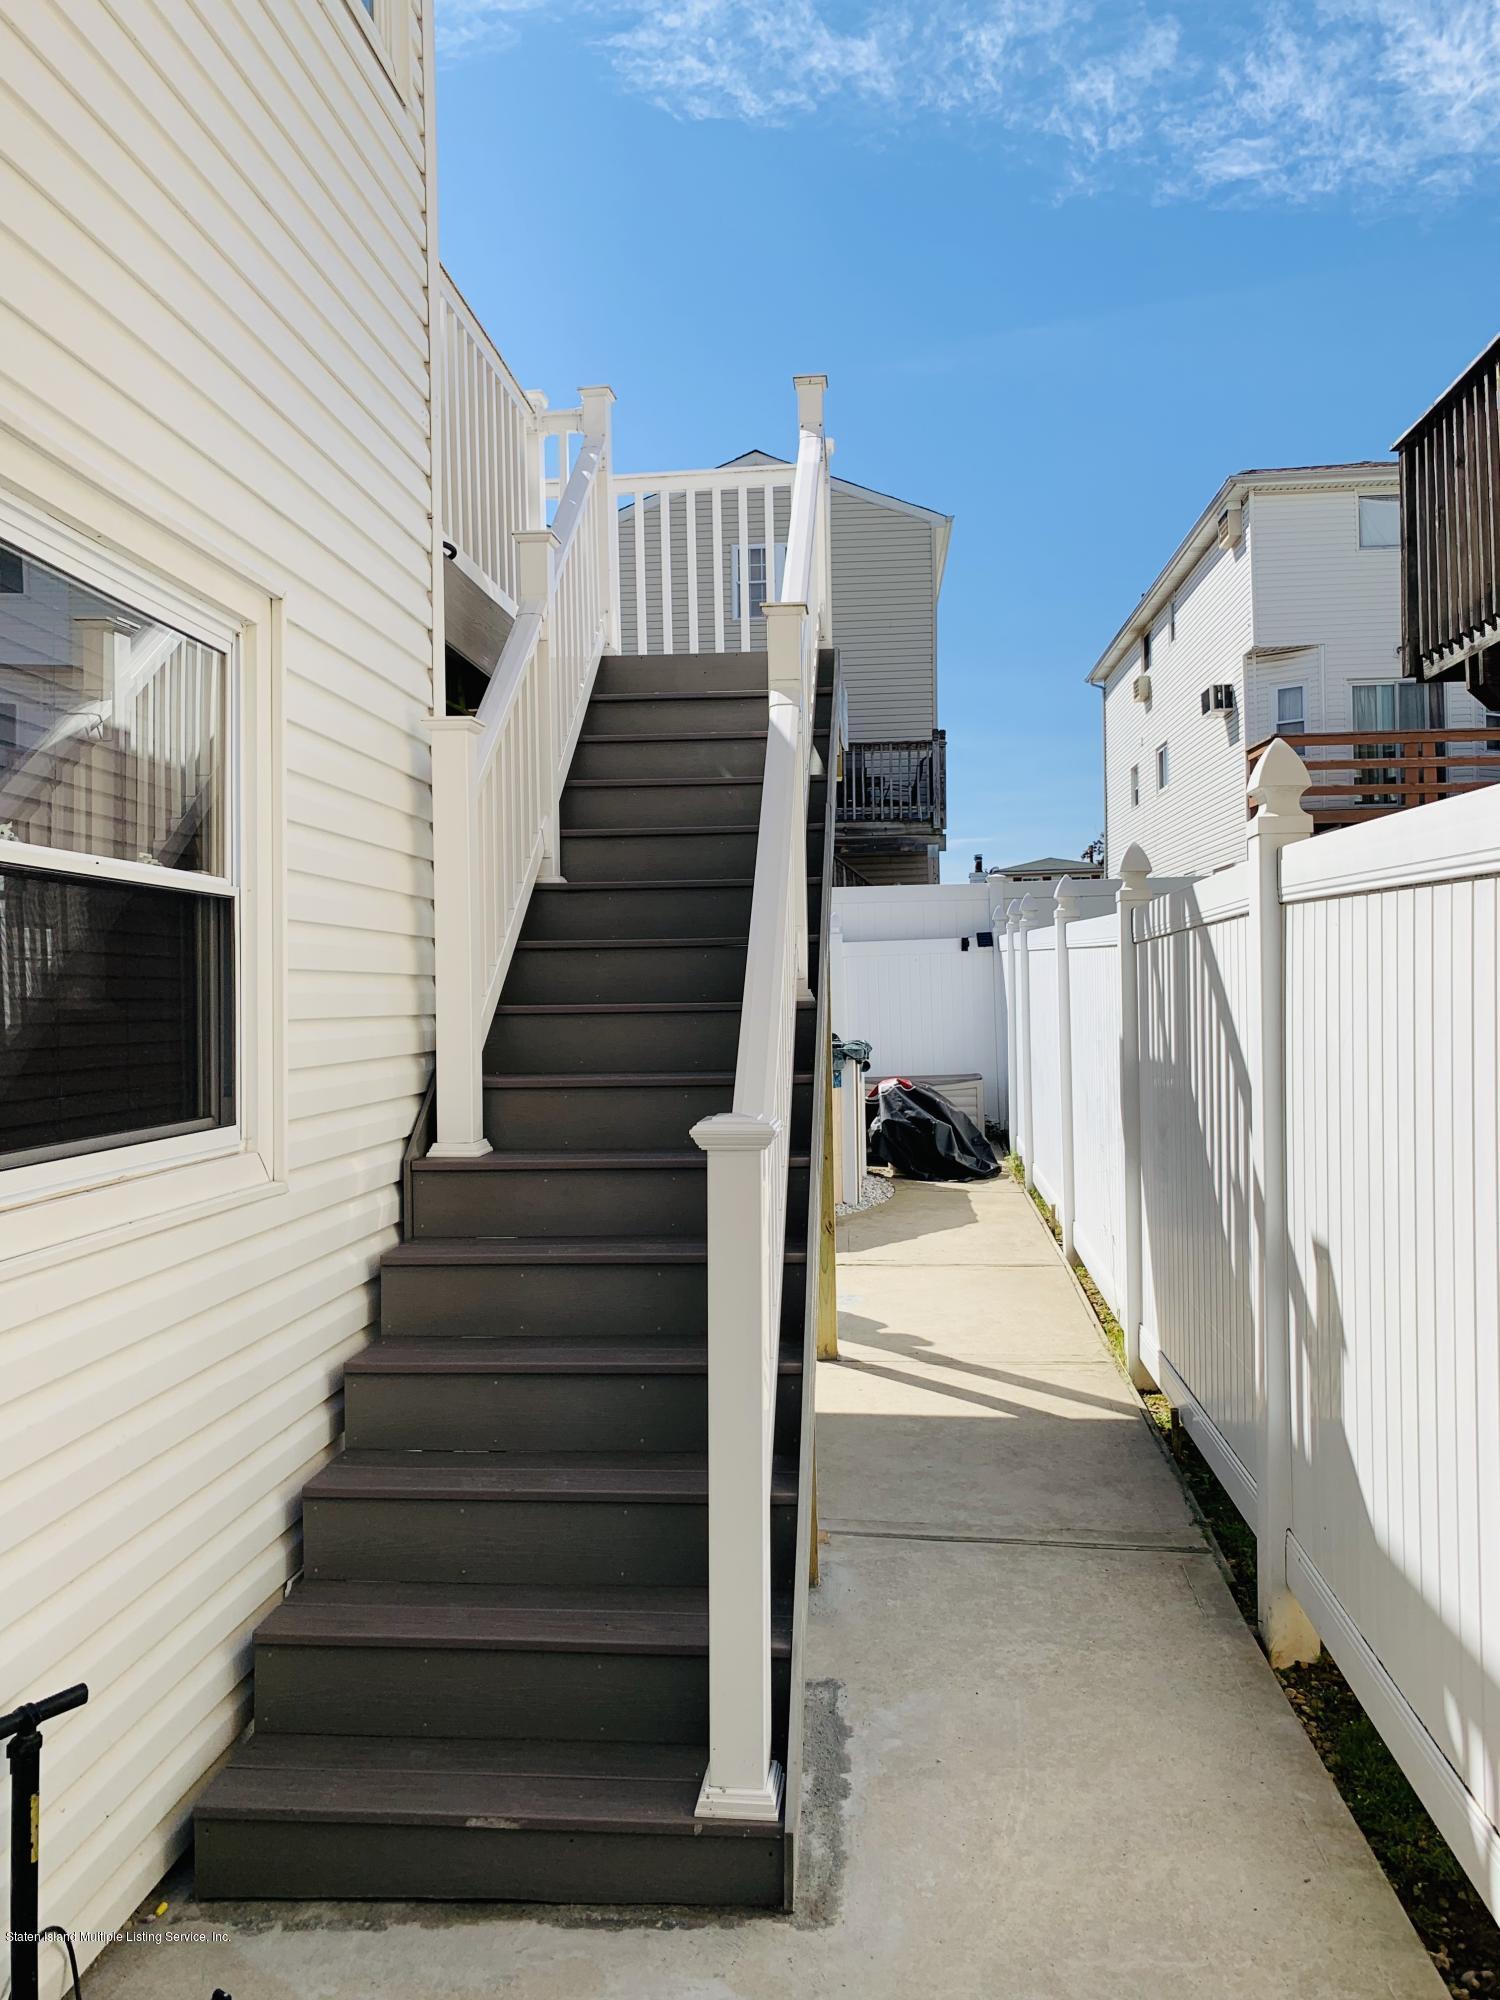 Single Family - Semi-Attached 76 Rockne Street  Staten Island, NY 10314, MLS-1129648-23